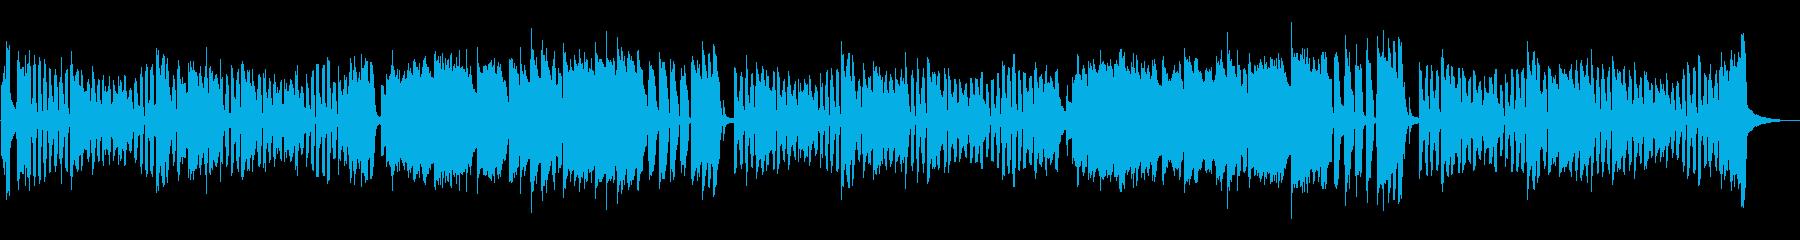 リコーダーによる、かわいくて元気な曲の再生済みの波形